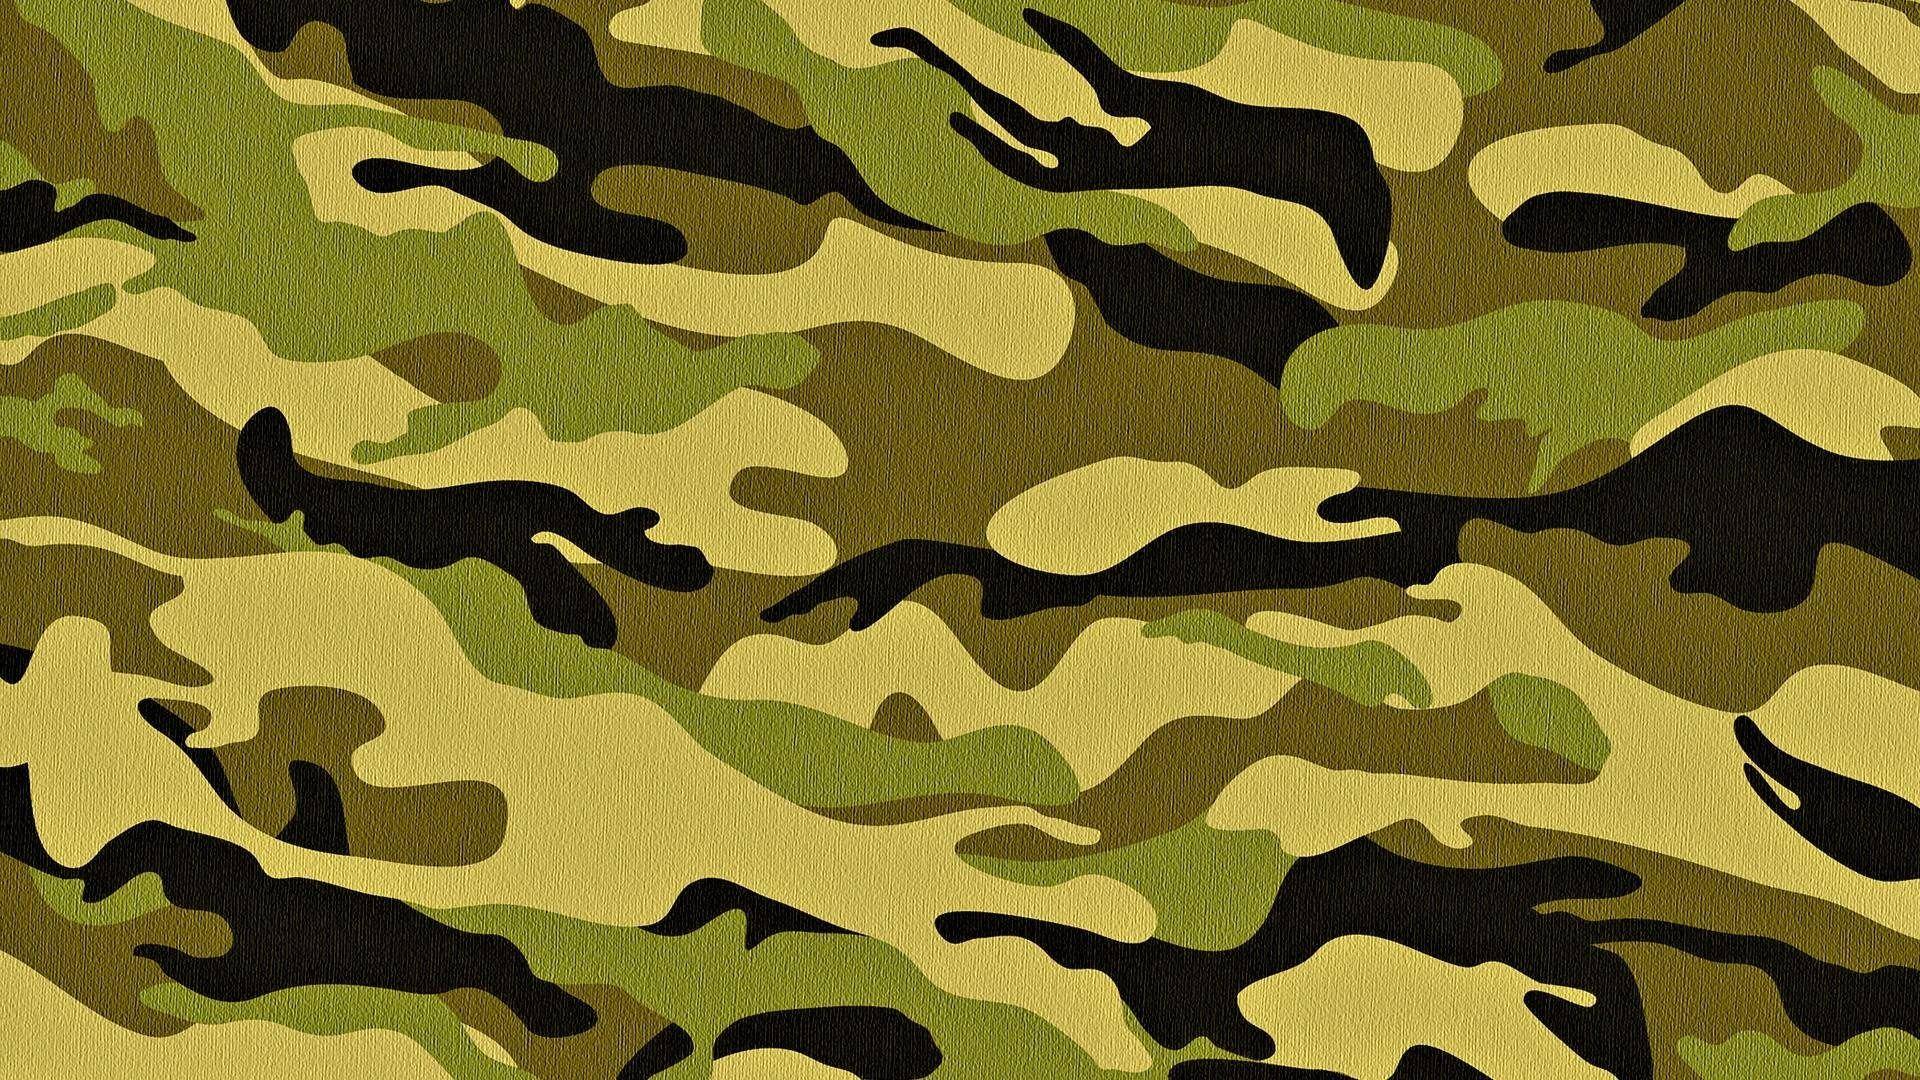 Fantastic Wallpaper Logo Realtree - e6aa90dd822a3eaf3d23fc283eb7f062  You Should Have_168498.jpg